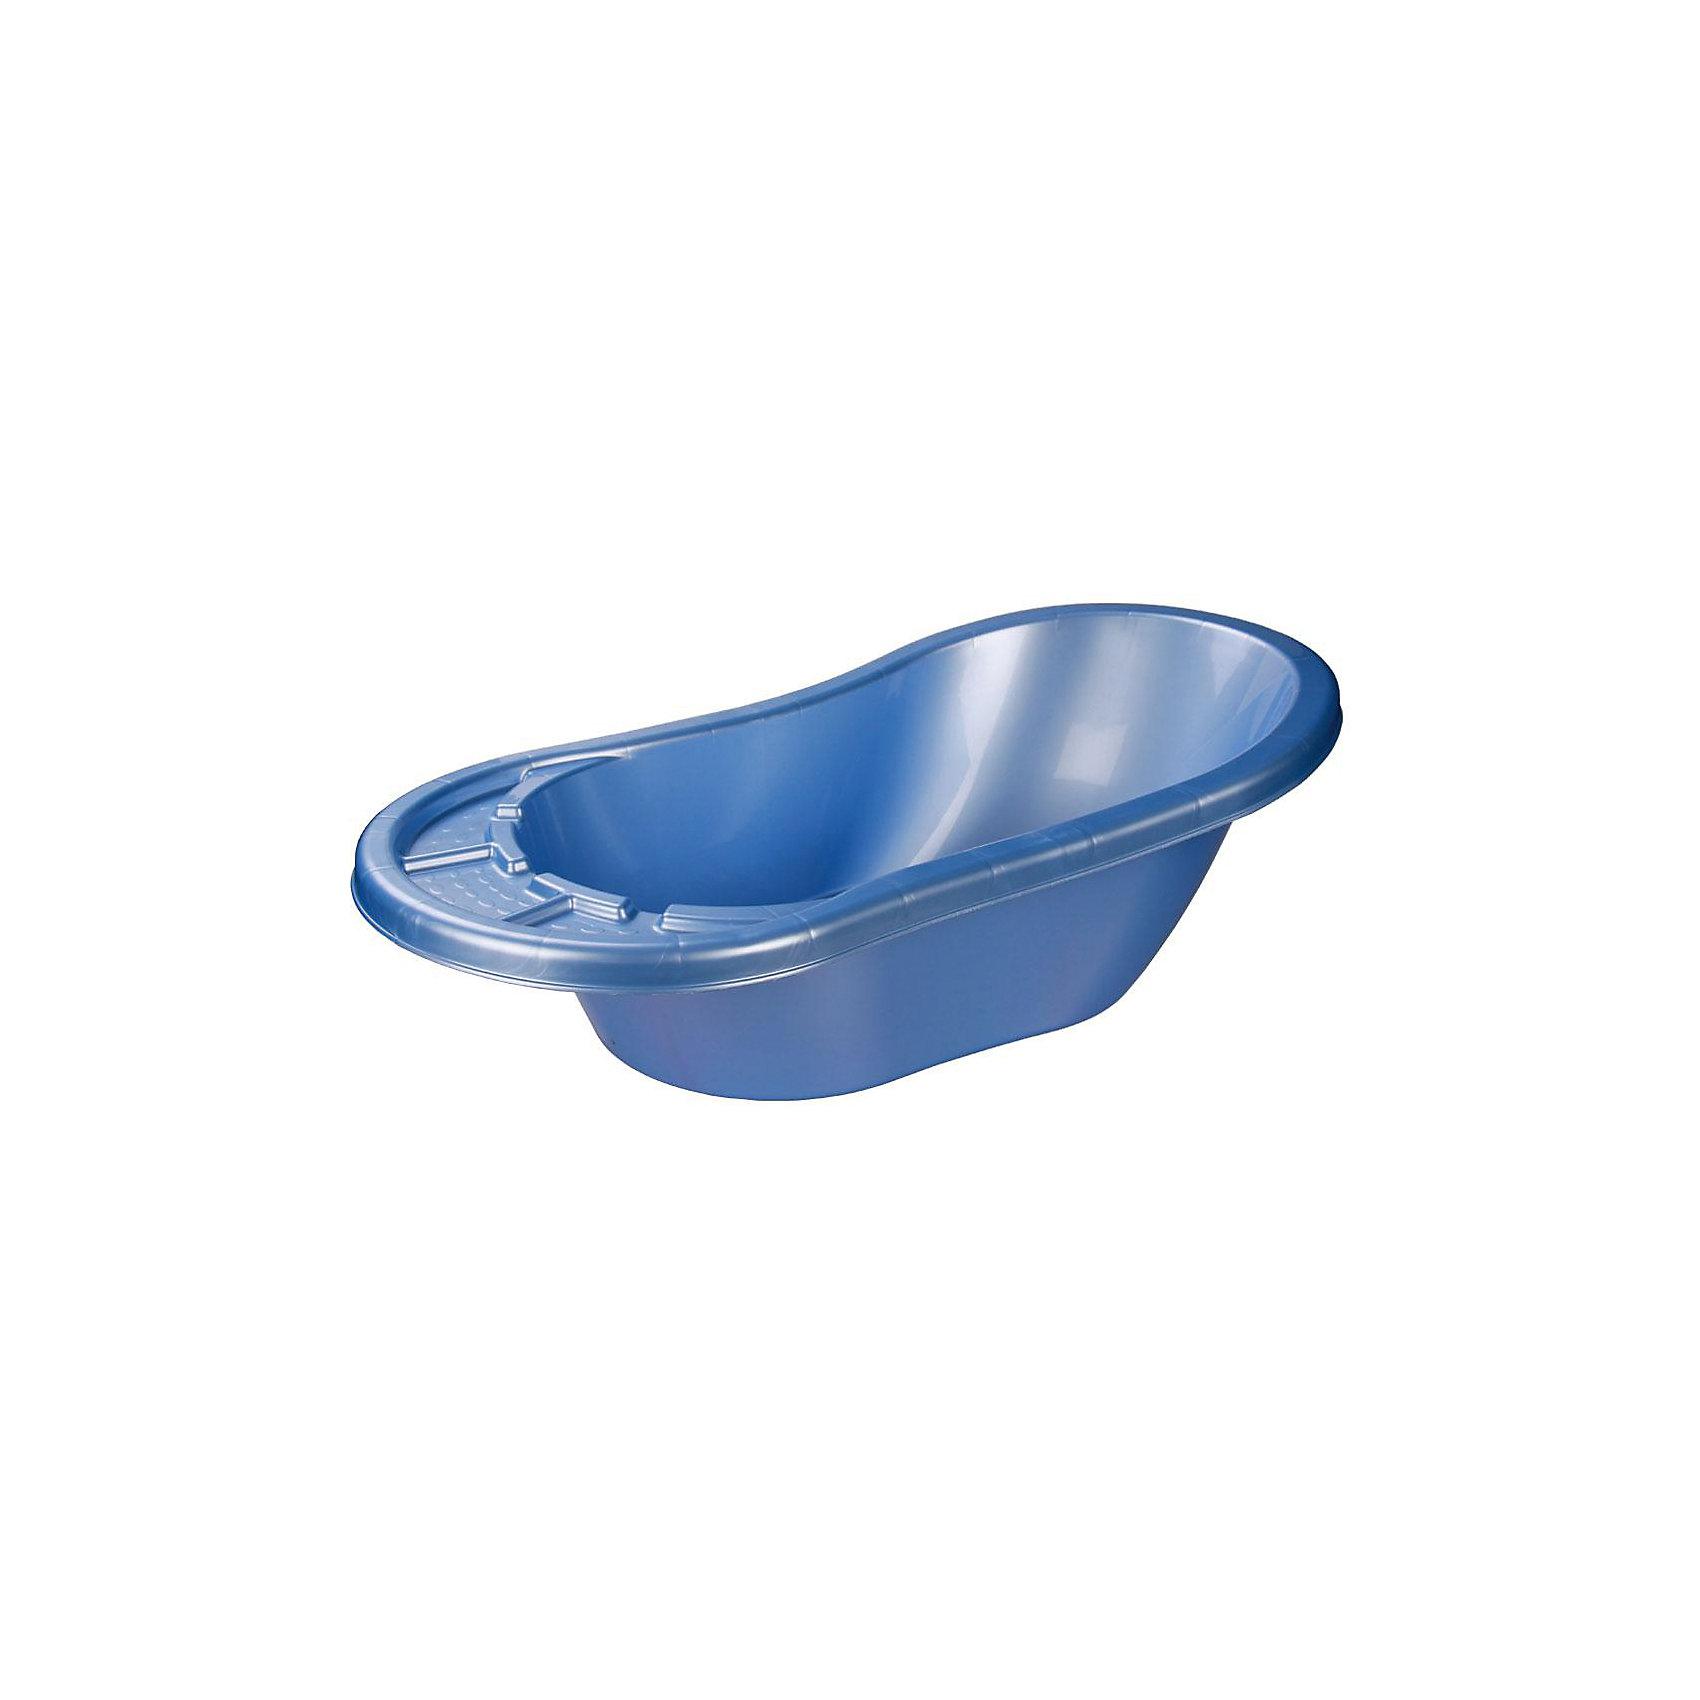 Alternativa Ванночка Карапуз, Alternativa, голубой alternativa ванночка карапуз alternativa голубой